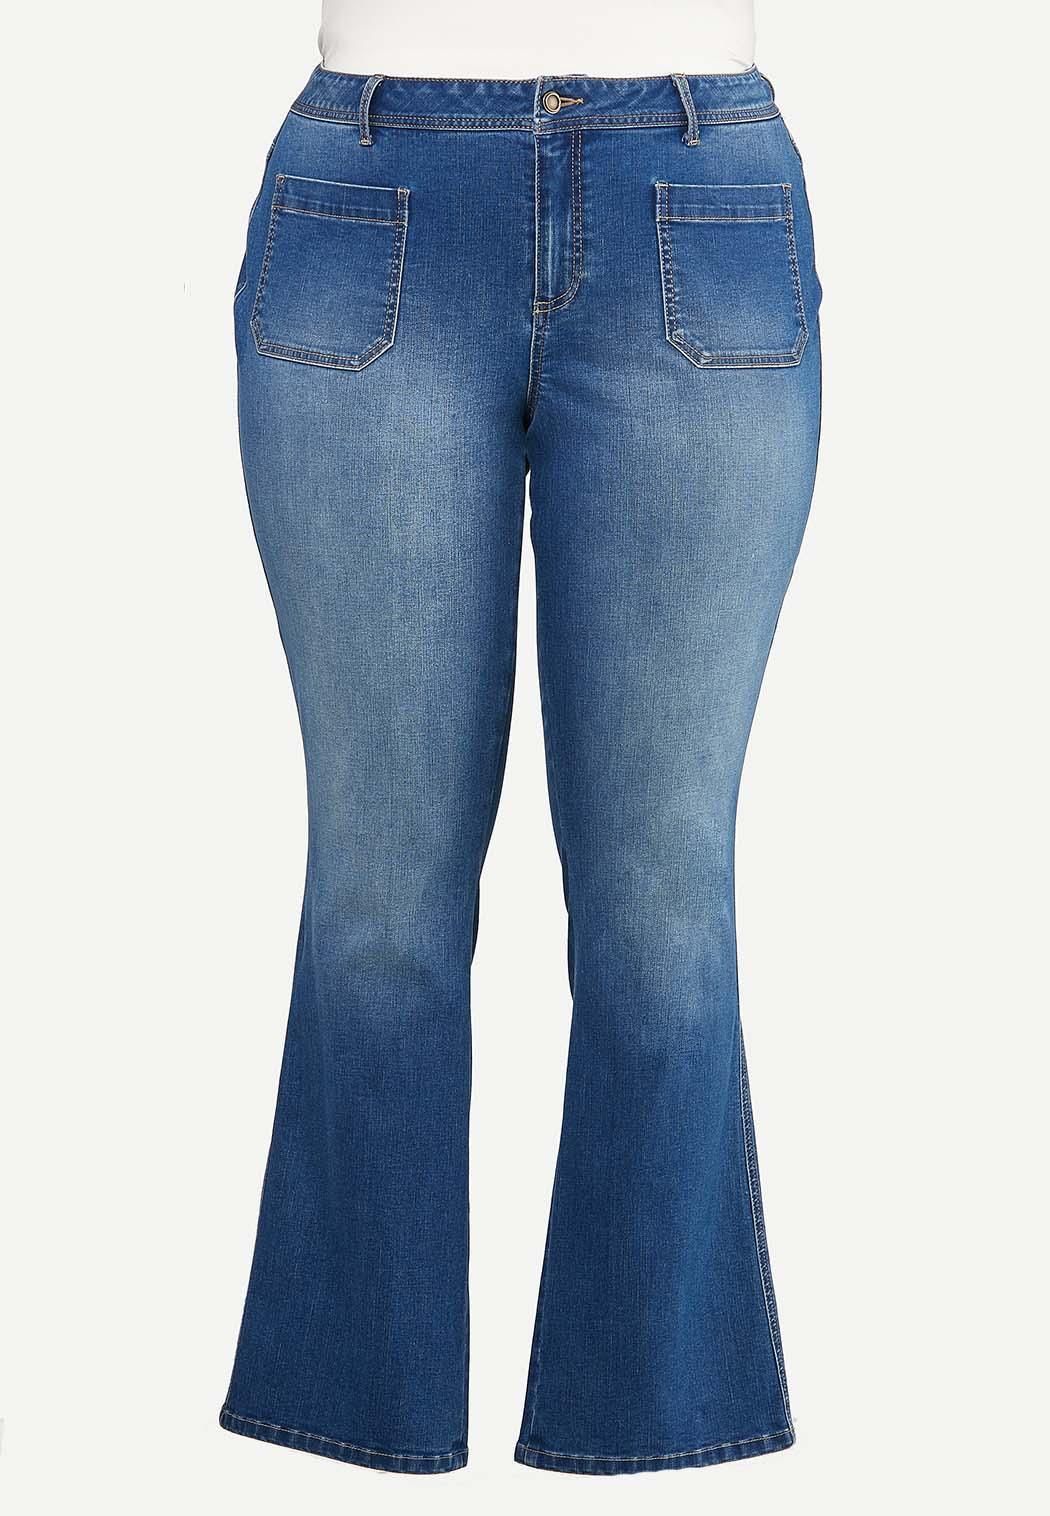 Plus Size Front Pocket Jeans